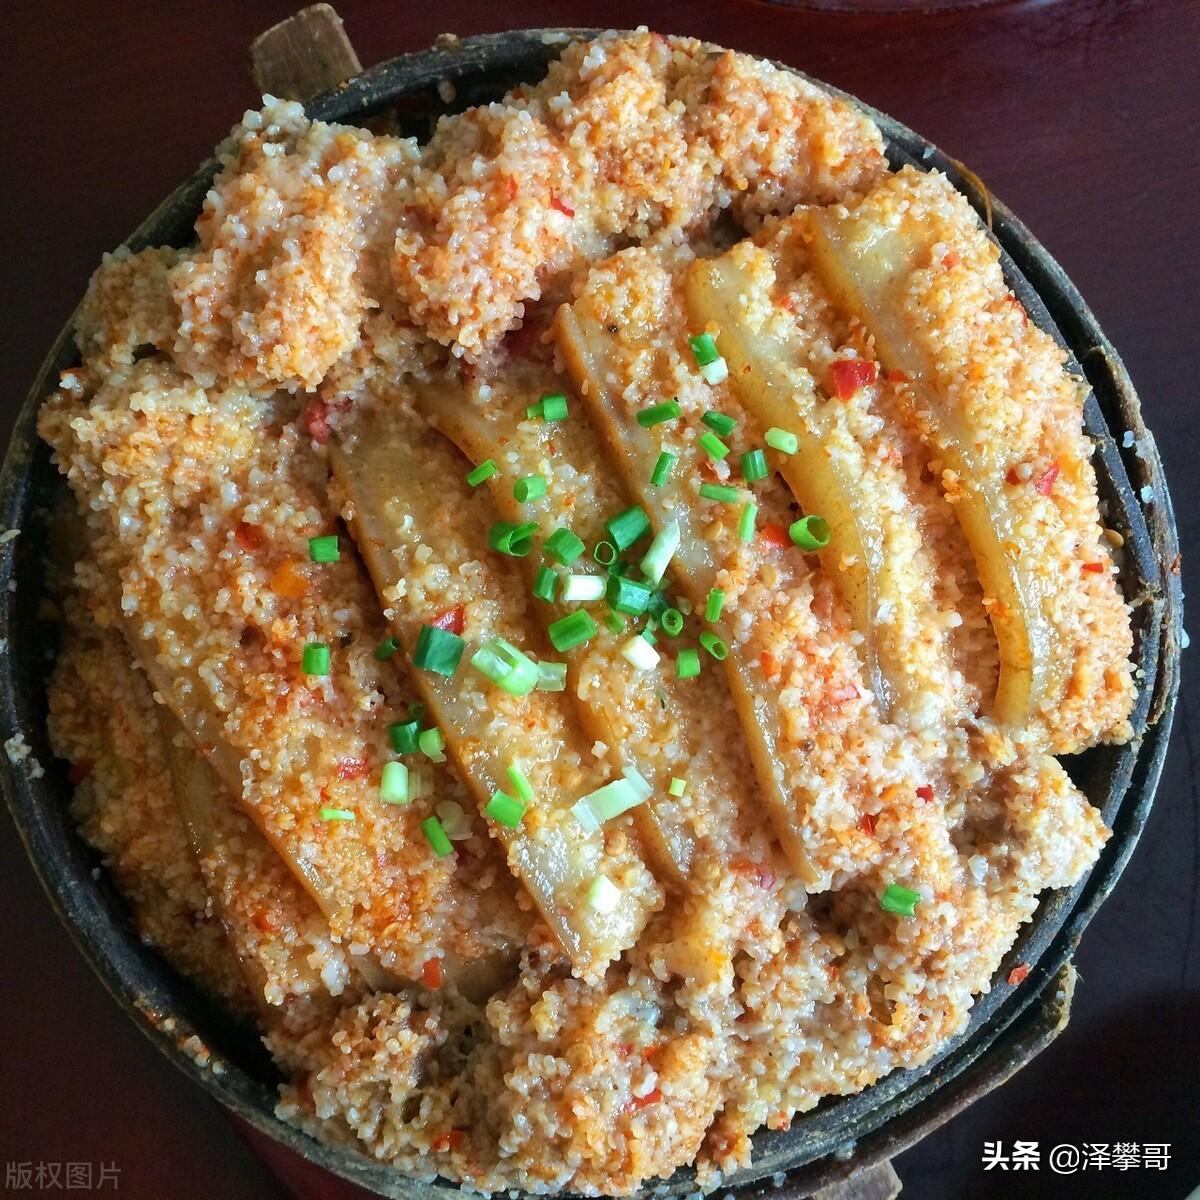 热菜 粉蒸肉的制作方法